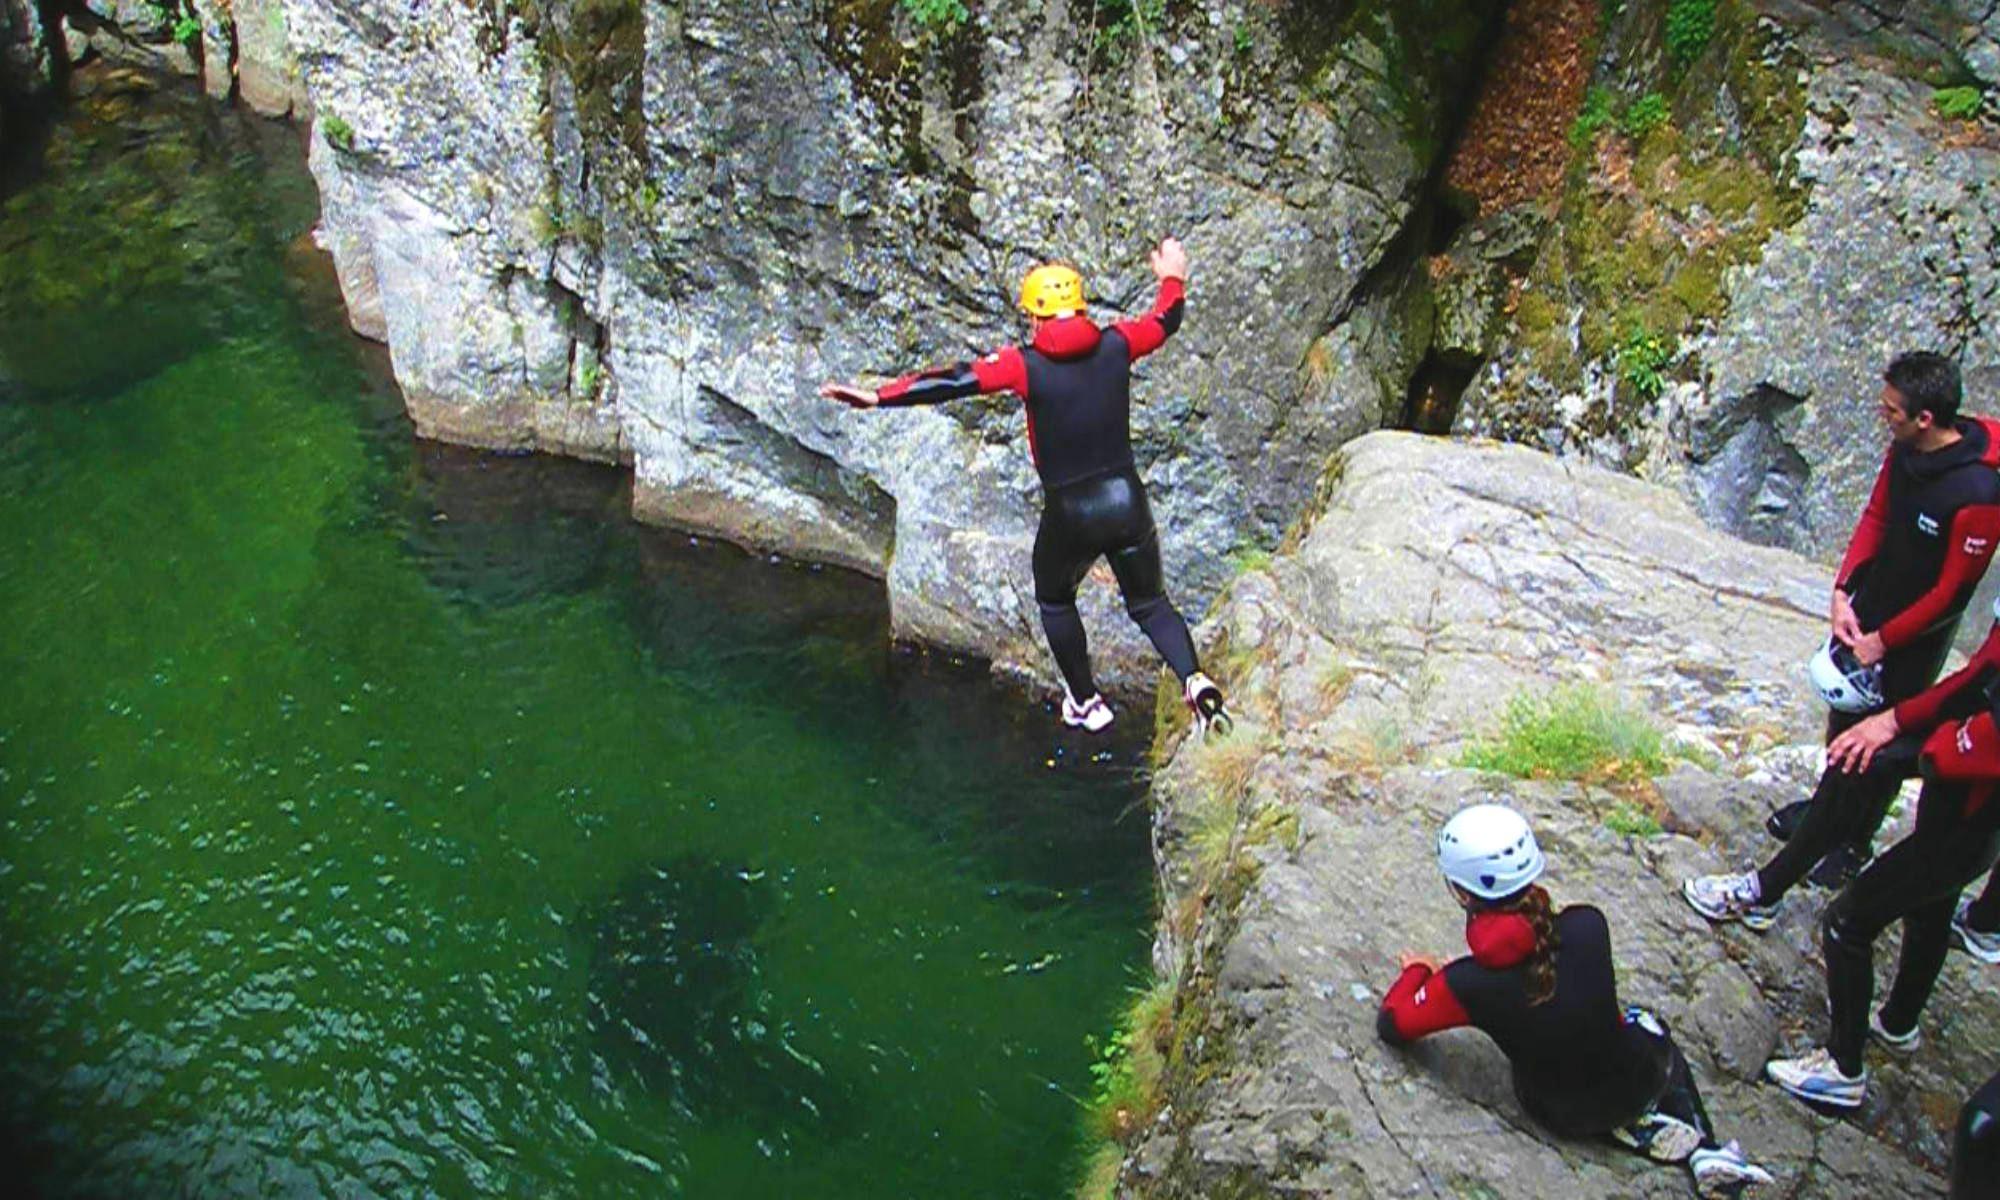 Un canyoniste saute dans l'eau du canyon de la Borne sous le regard de son groupe.